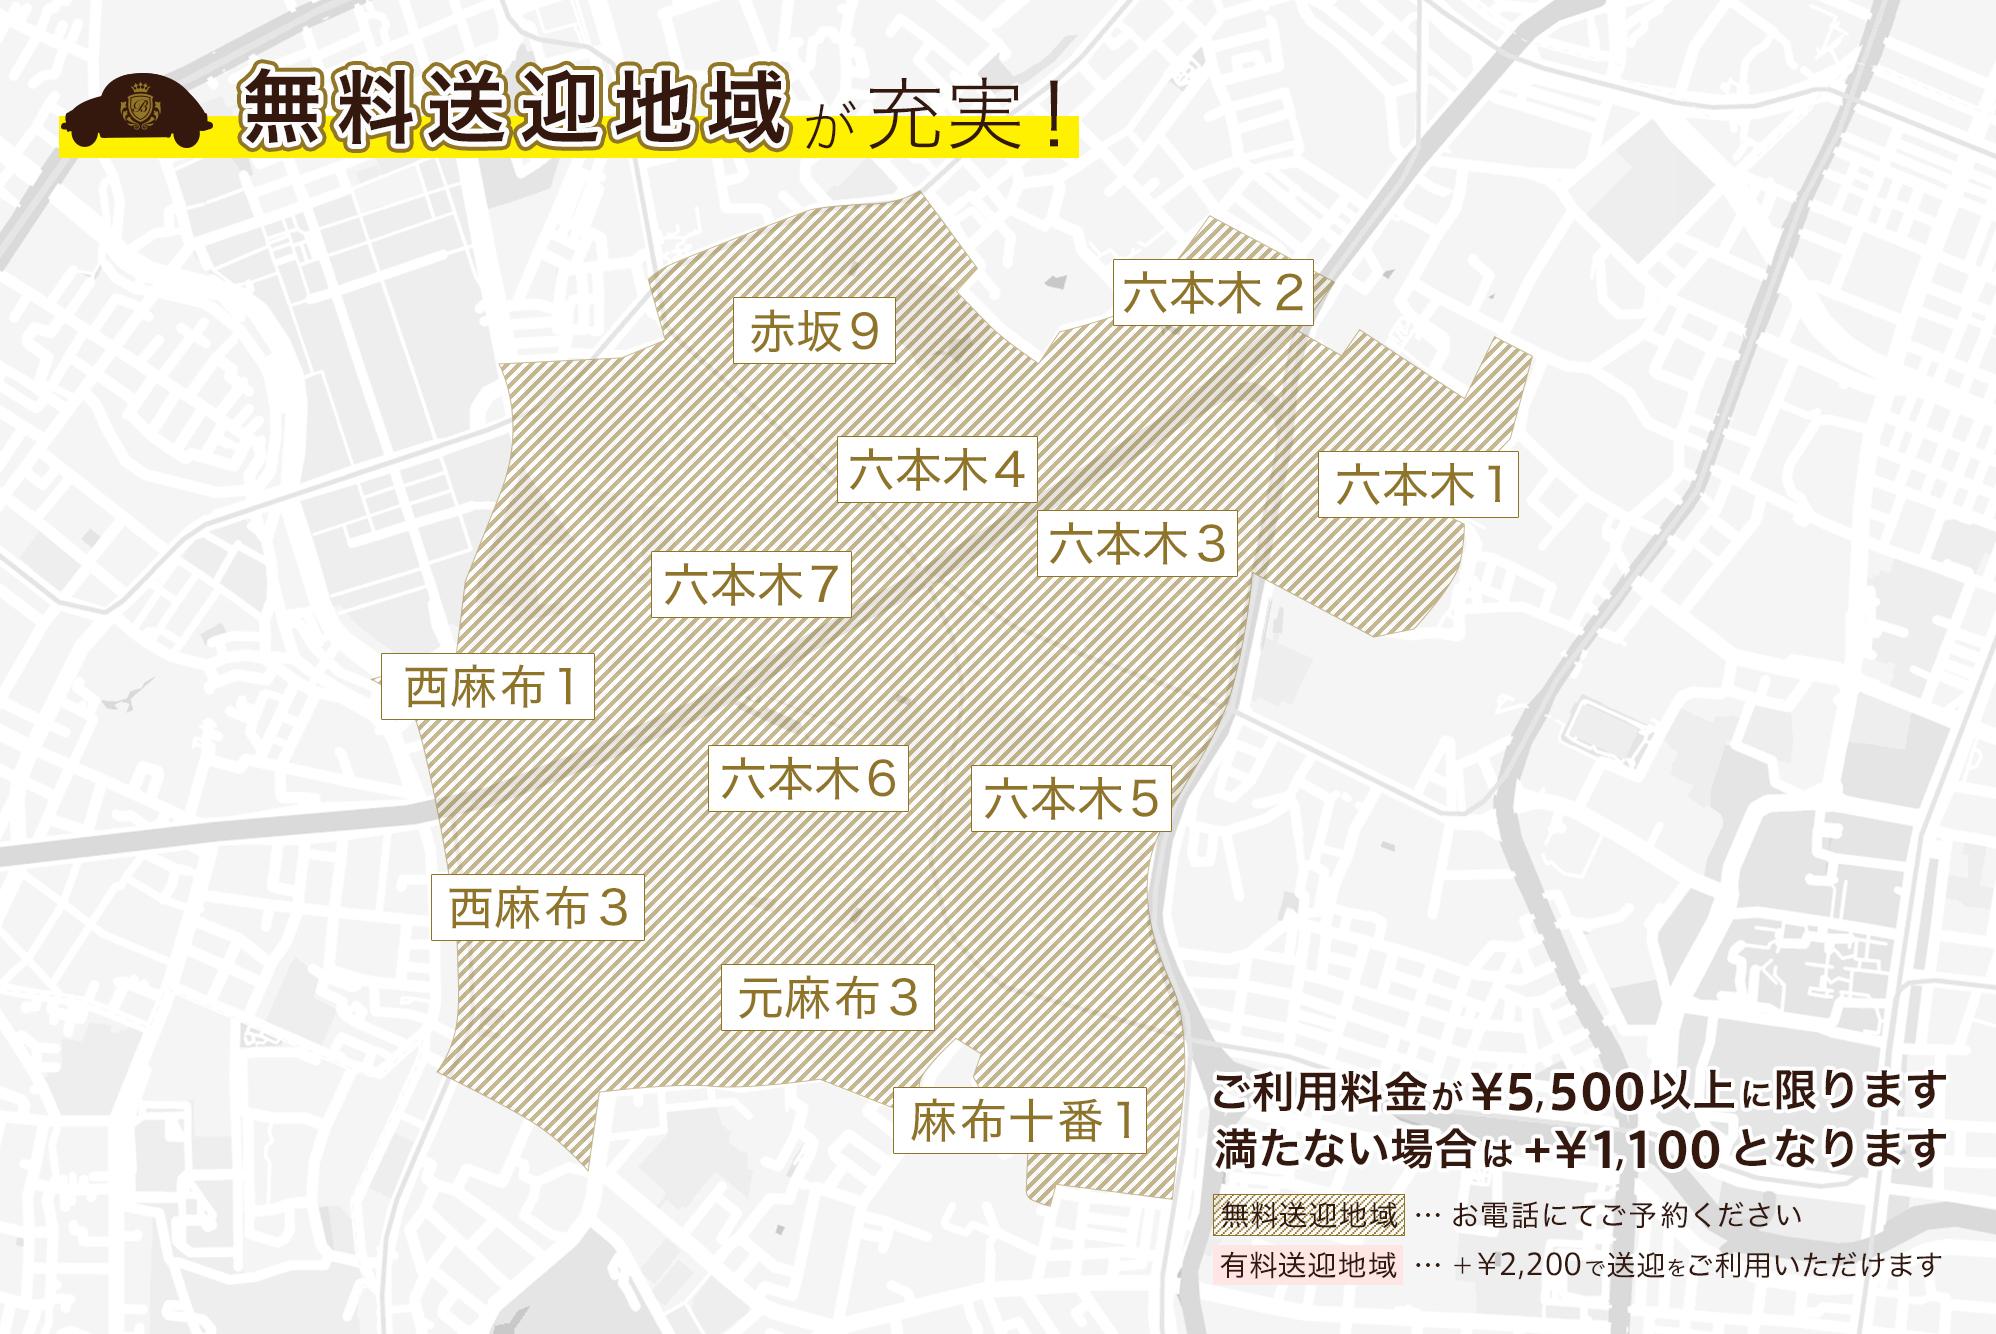 無料送迎地域【六本木エリア】